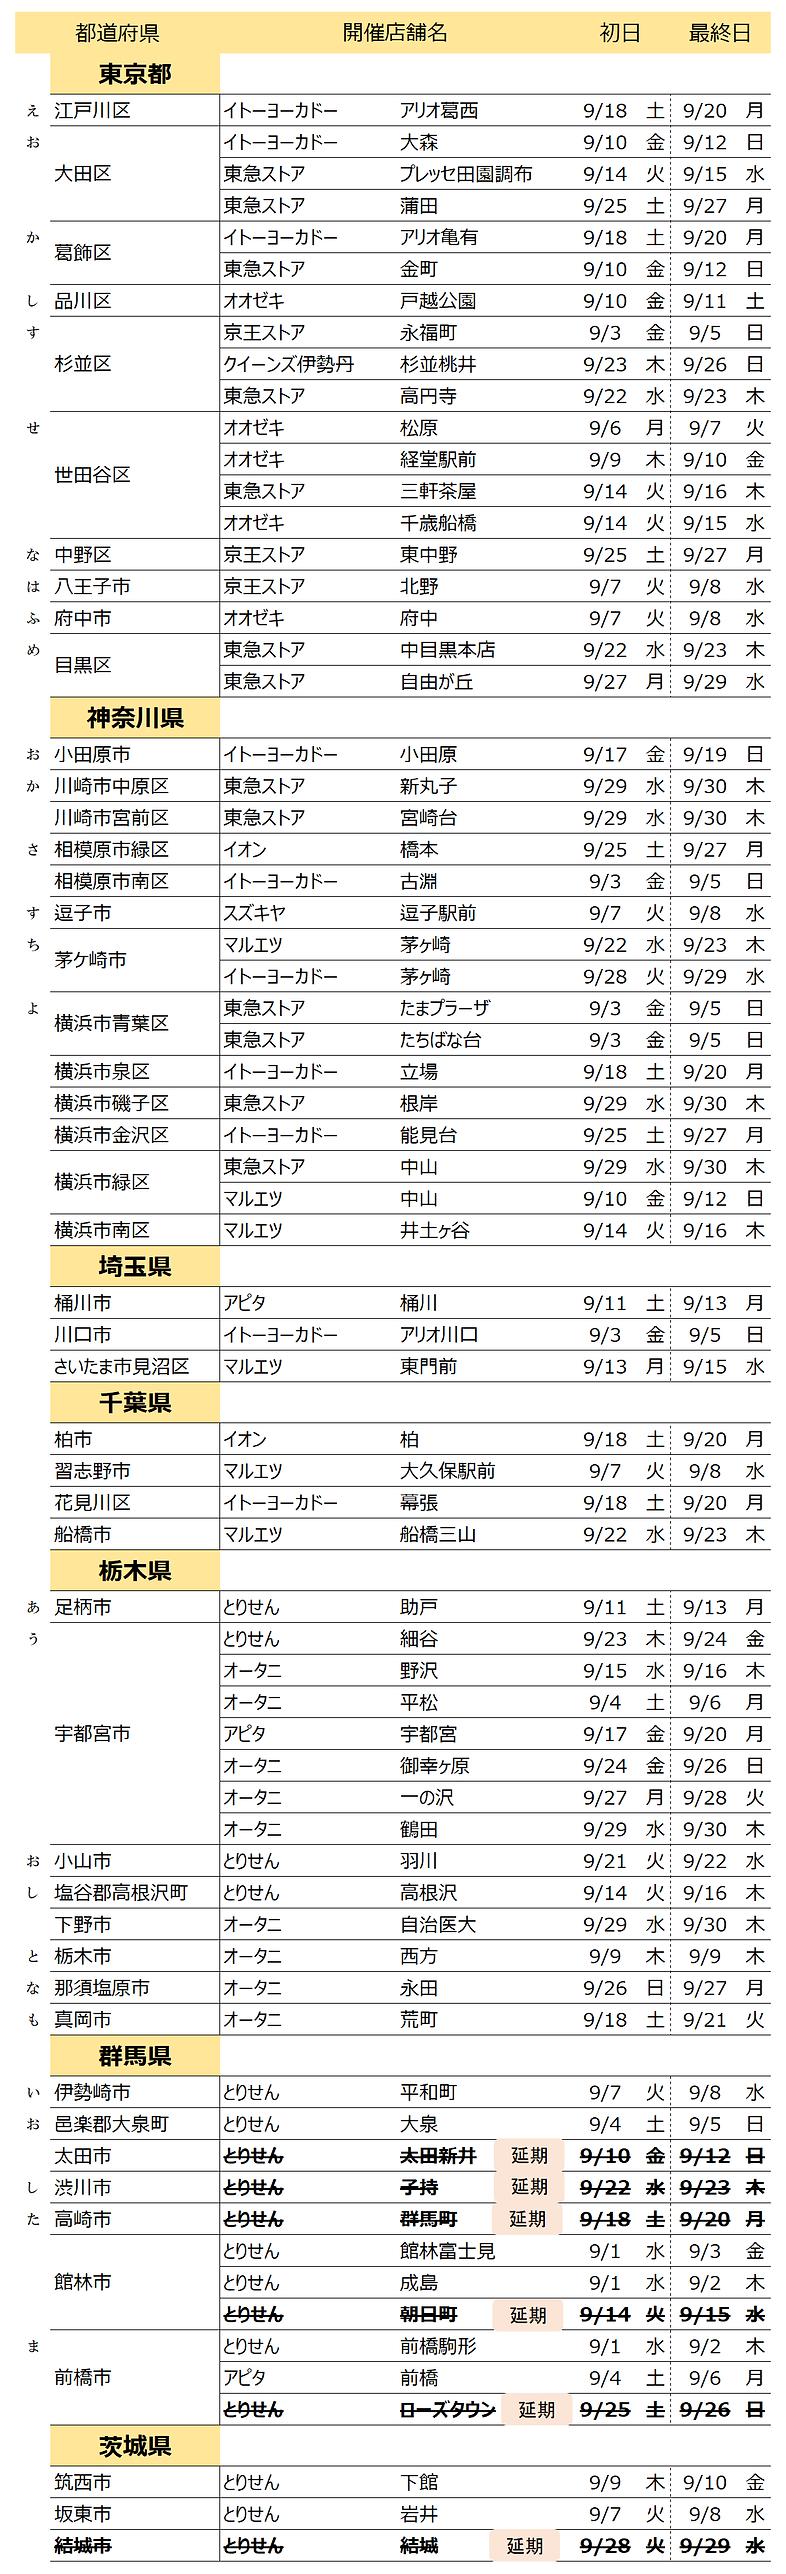 関東21.9修正版ver1.png